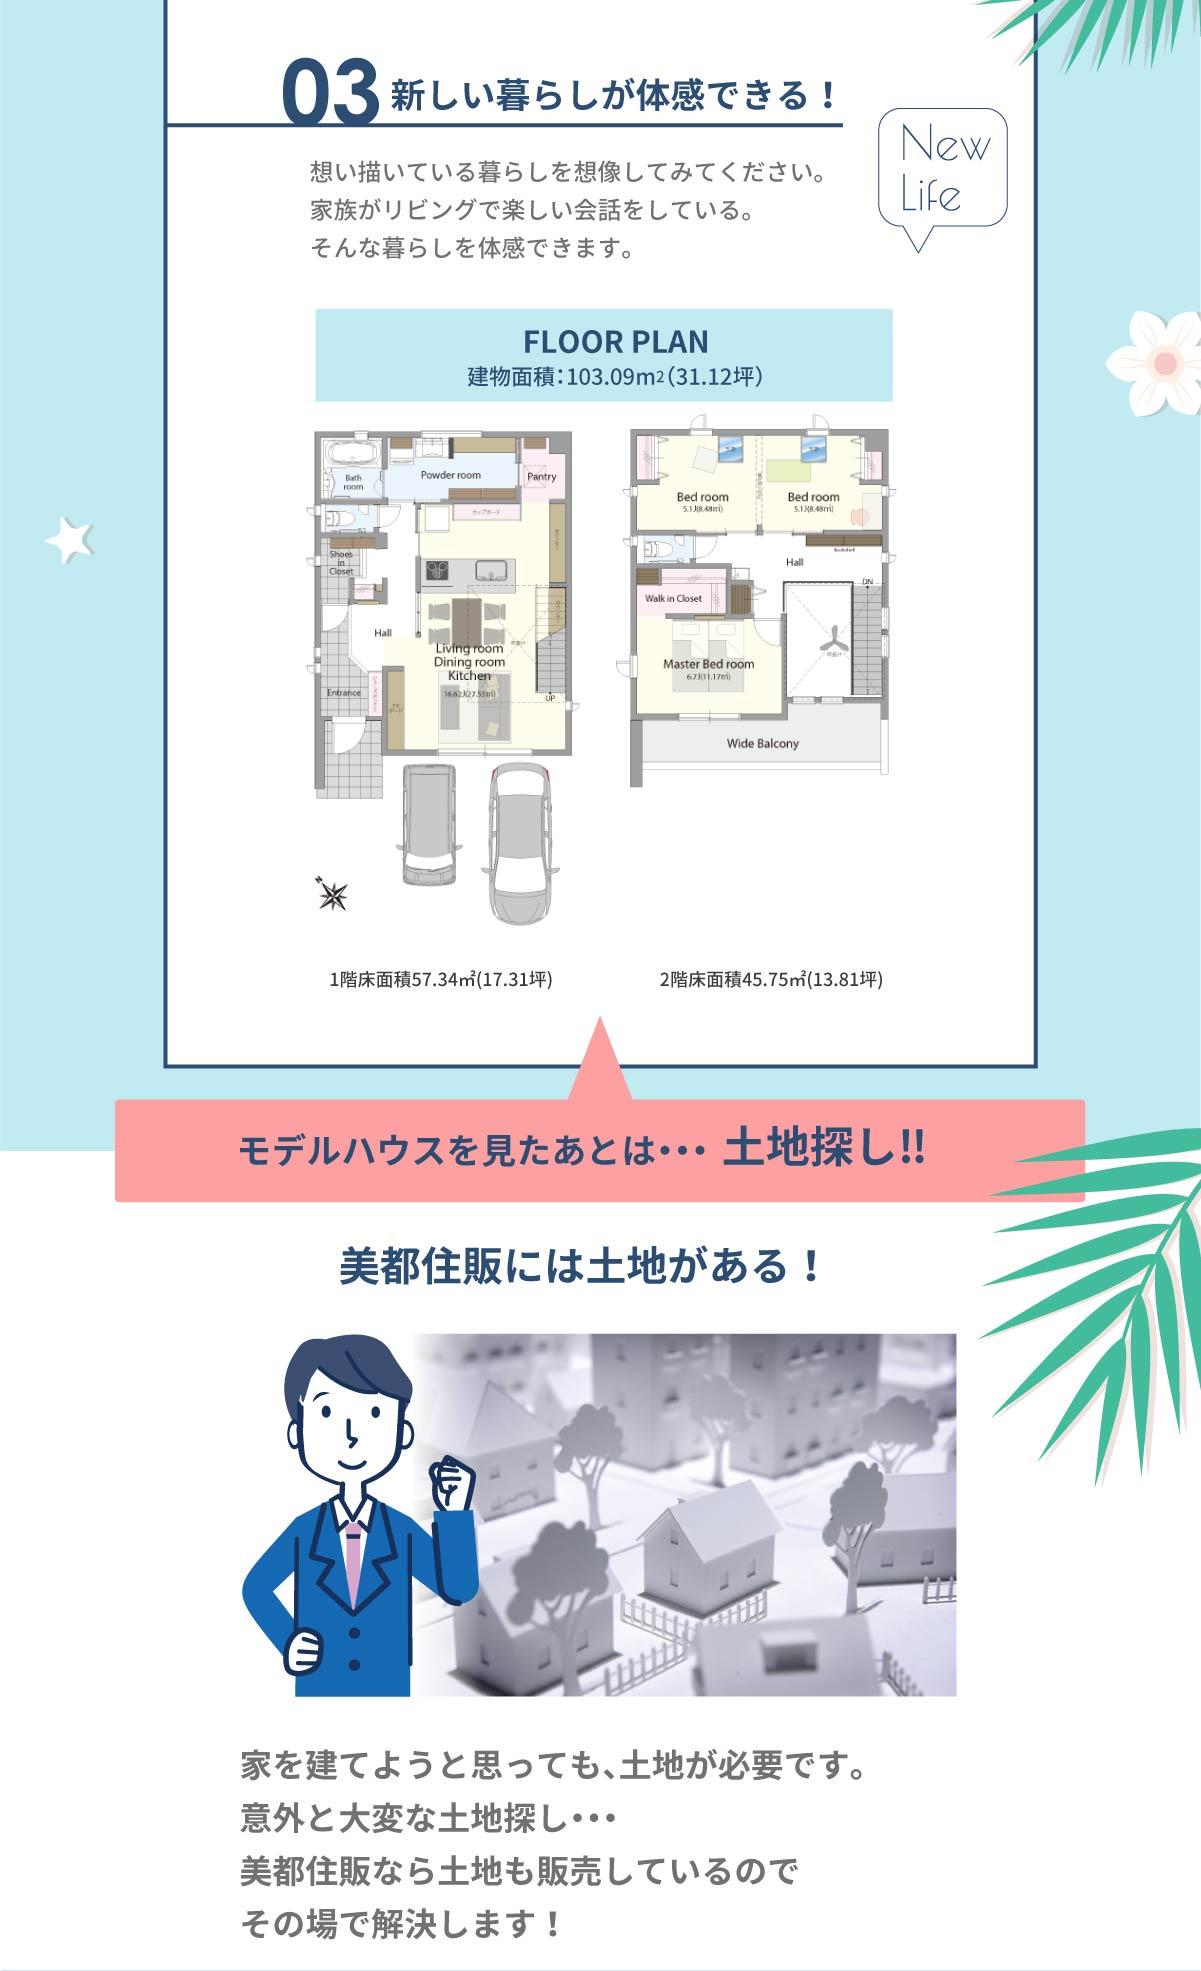 美都住販 等身大 モデルハウス 見学 03 新しい暮らしが体感できる! 想い描いている暮らしを想像してみてください。 家族がリビングで楽しい会話をしている。そんな暮らしを体感できます。 FLOOR PLAN 建物面積:103.09m2(31.12坪) 1階床面積57.34㎡(17.31坪) 2階床面積45.75㎡(13.81坪) モデルハウスを見たあとは・・・ 土地探し!! 美都住販には土地がある! 家を建てようと思っても、土地が必要です。意外と大変な土地探し・・・美都住販なら土地も販売しているのでその場で解決します!